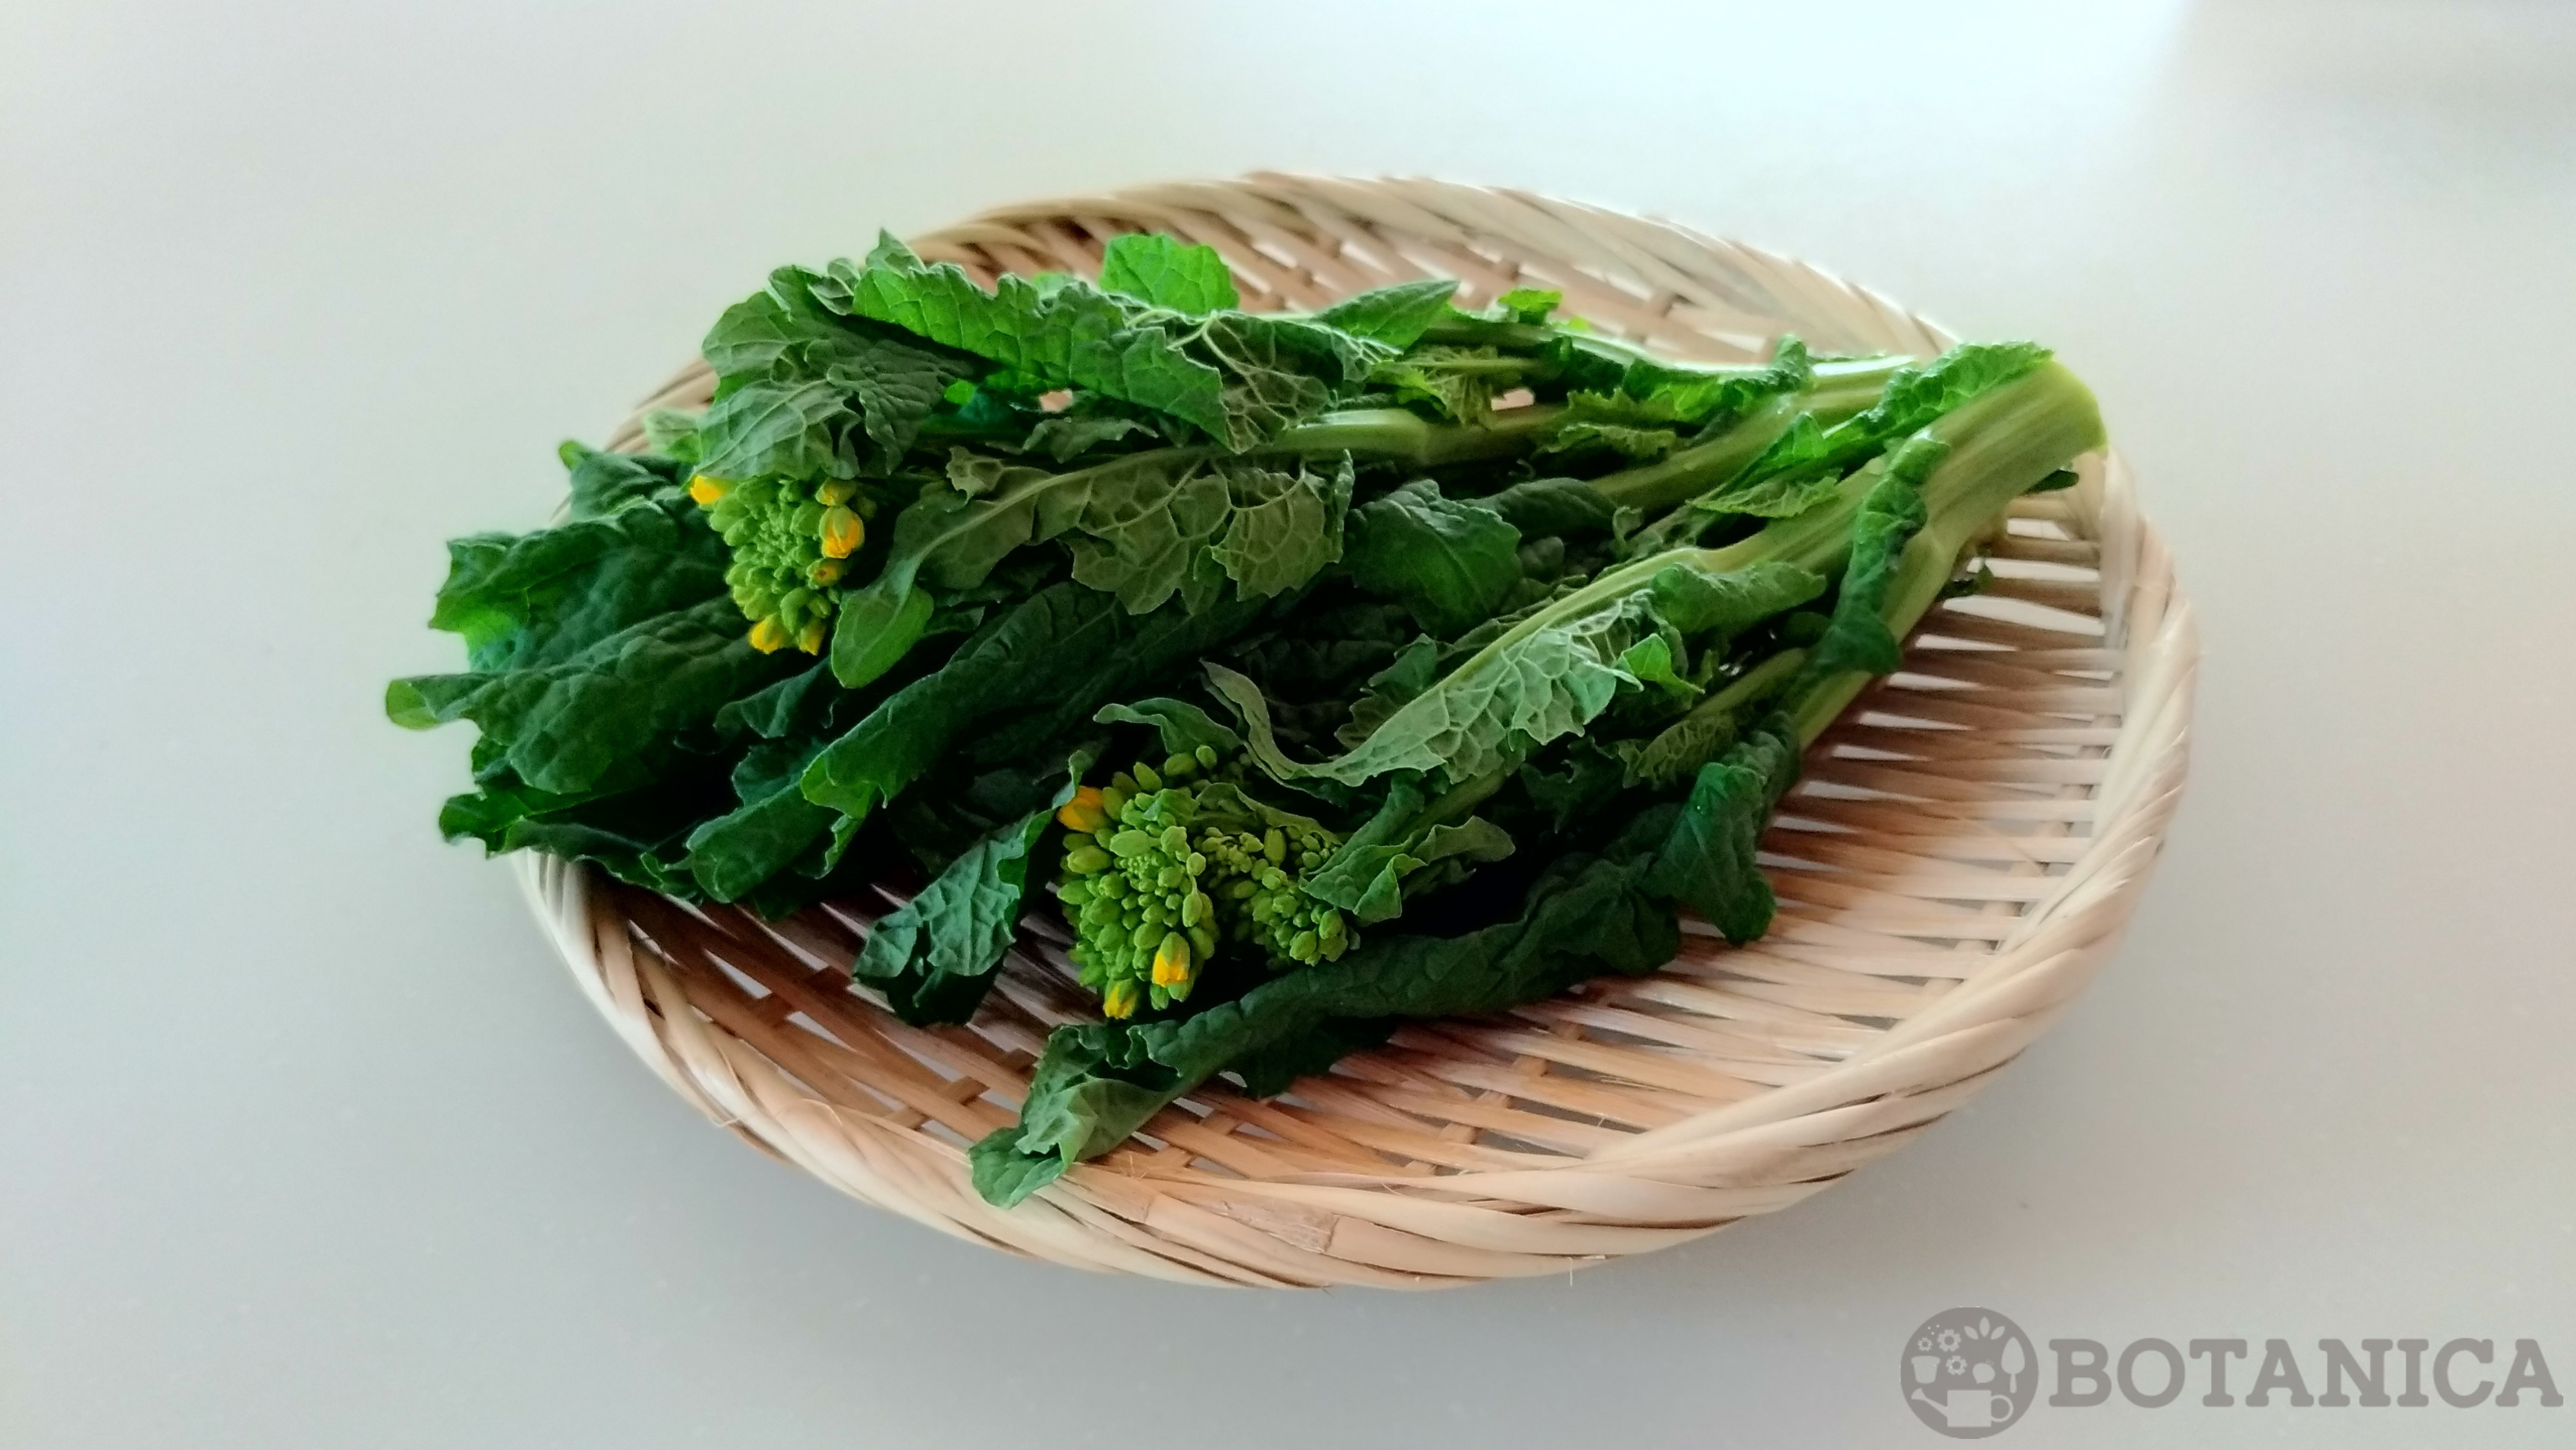 菜の花の旬な季節はいつ?開花時期から美味しい食べ方までご紹介!